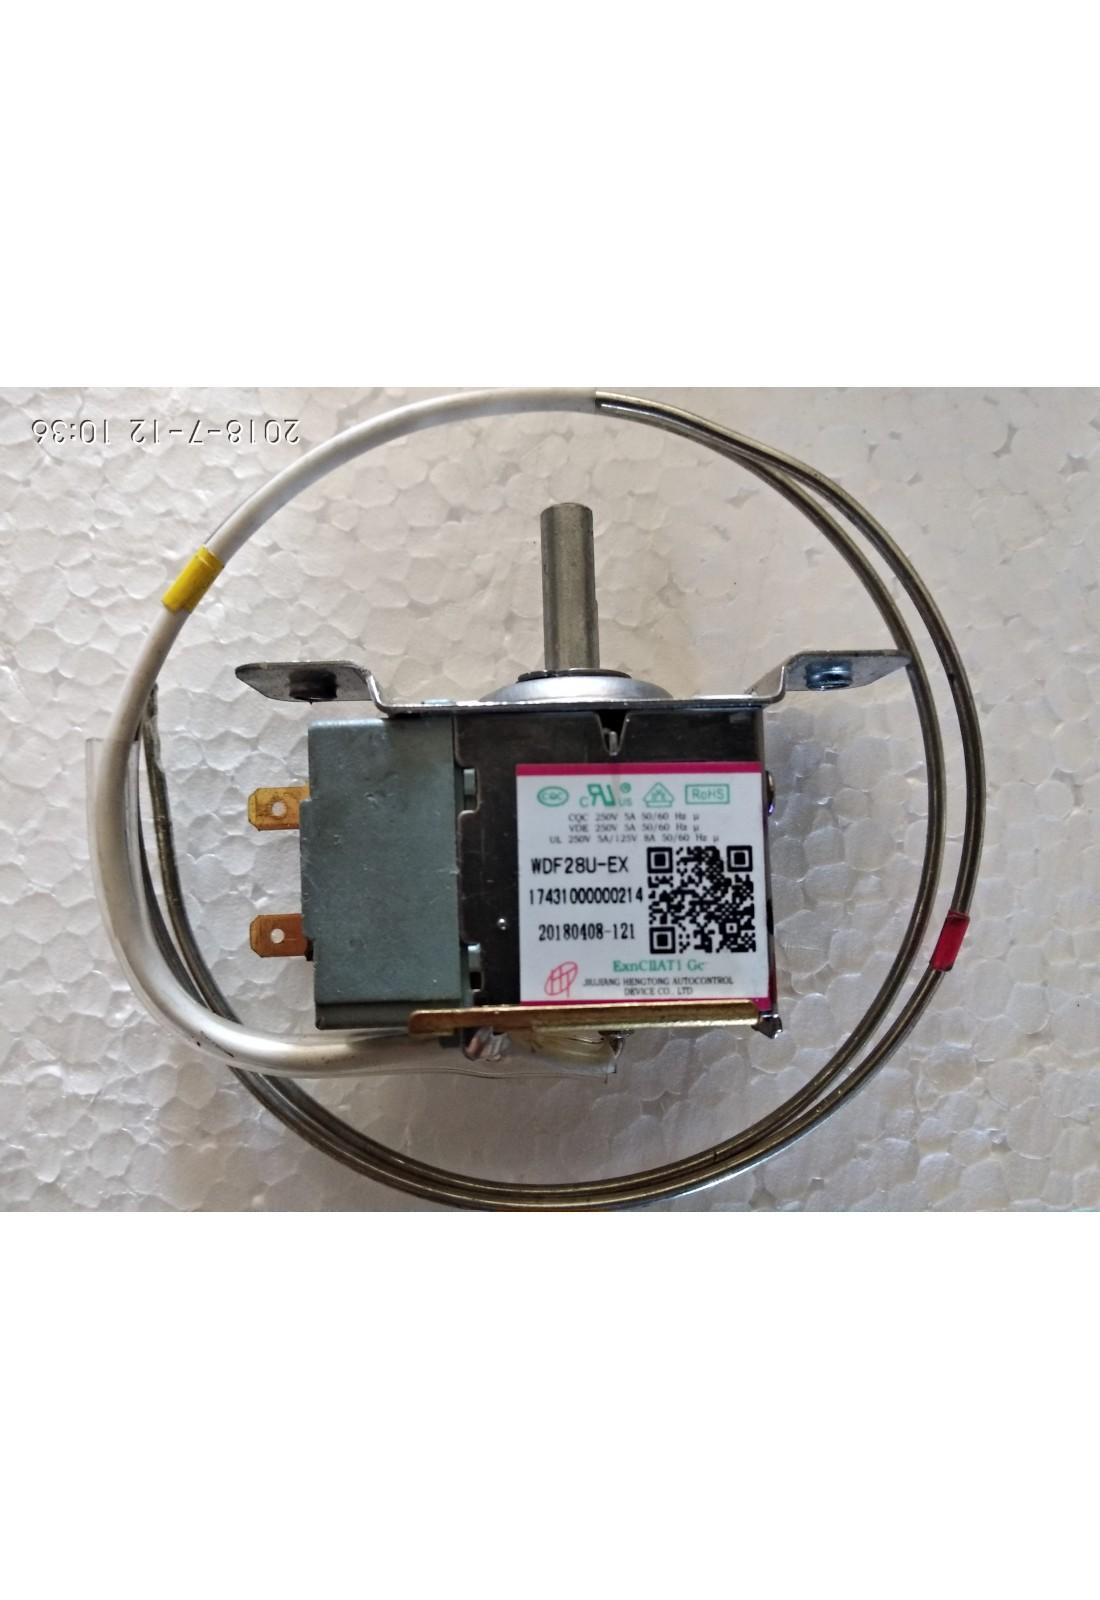 Датчик-реле температур WDF28U-EX